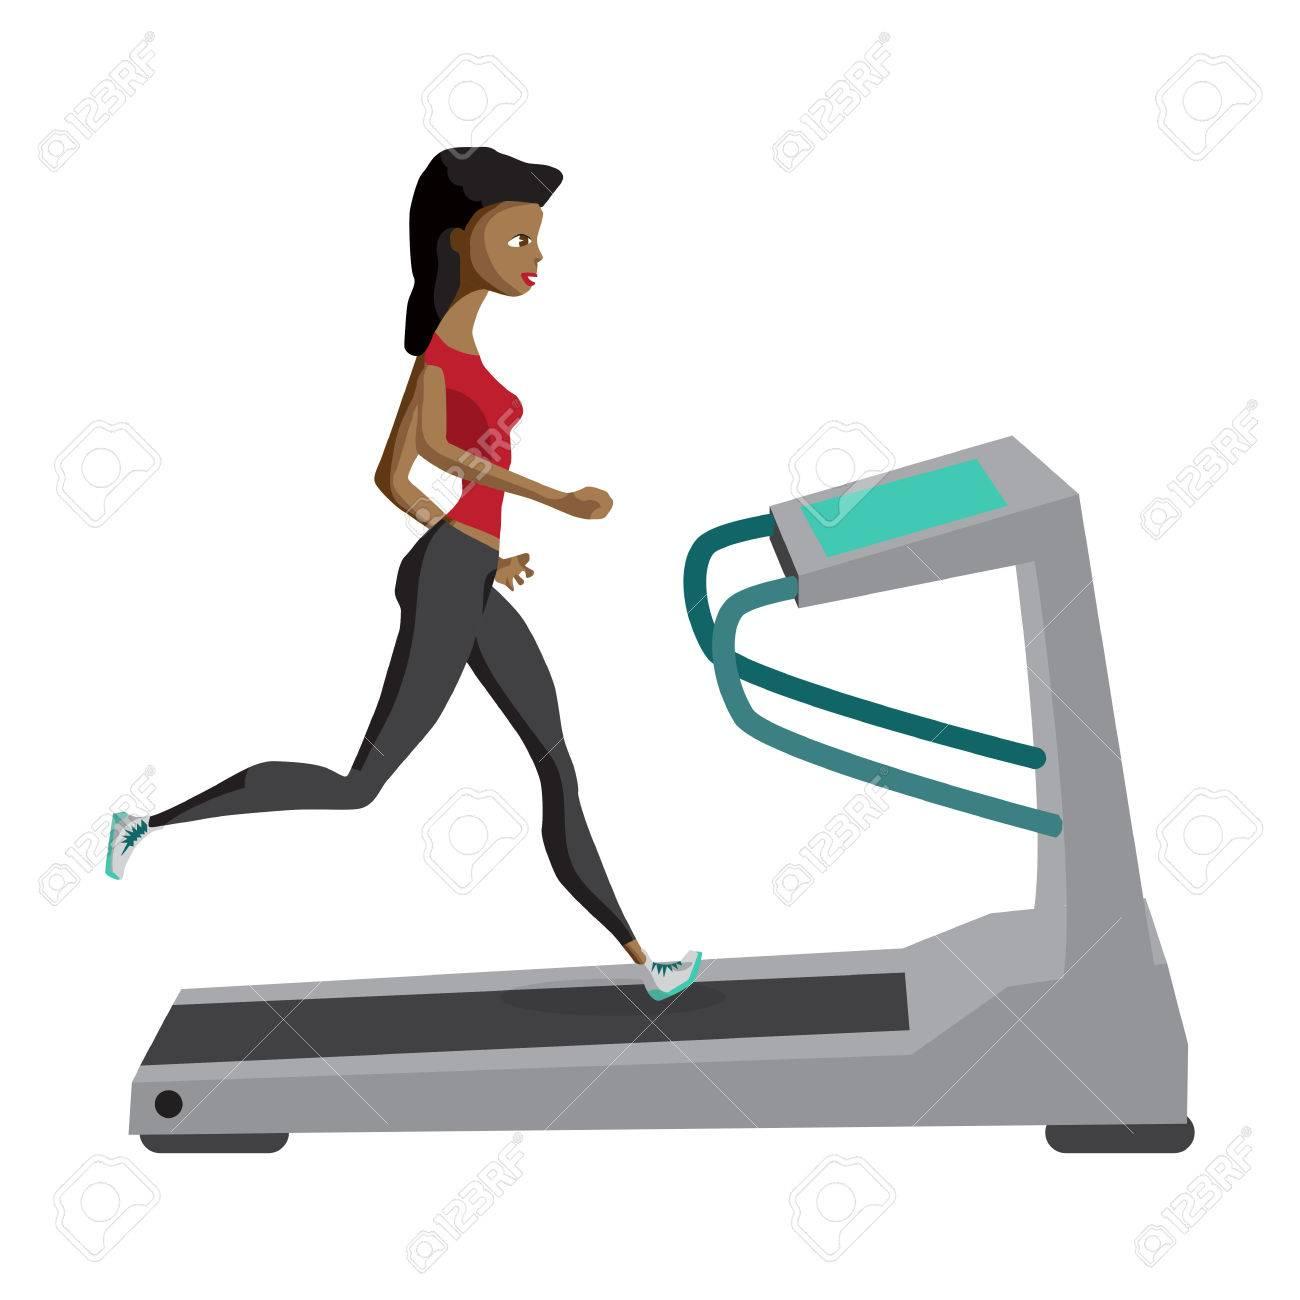 femme noire courir sur tapis roulant sport fitness athletisme mode de vie sain vecteur cartoon illustration design plat